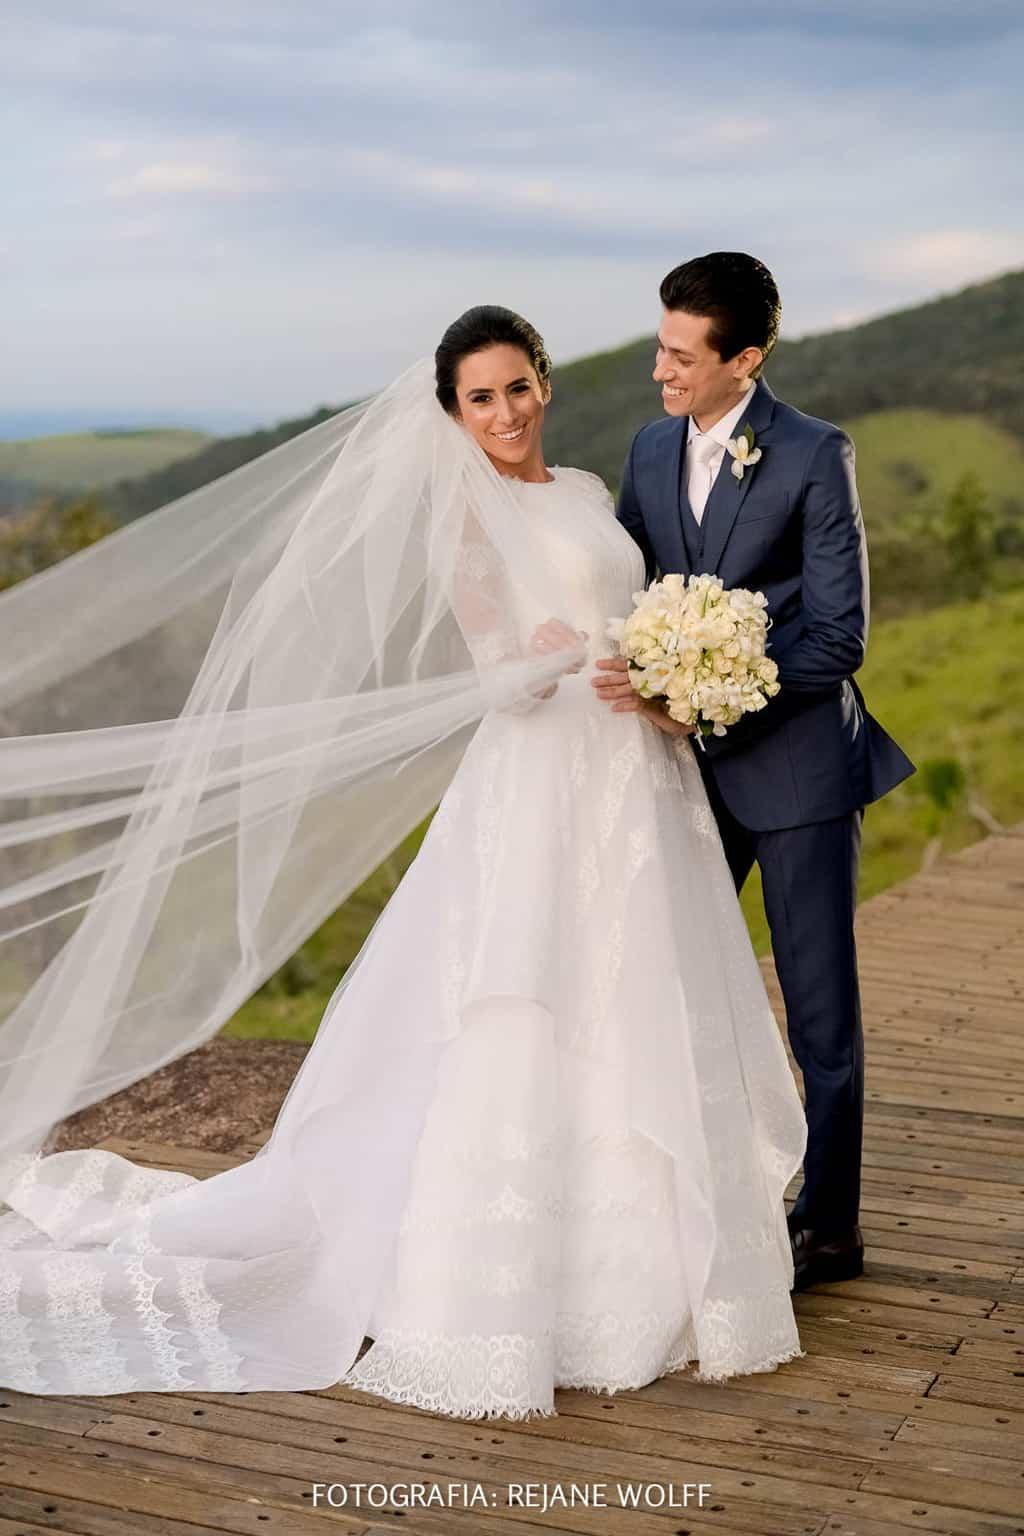 Casamento-Verane-e-Bruno-fotografia-Rejane-Wolff-hora-do-buque-Rej-Terras-de-Clara4